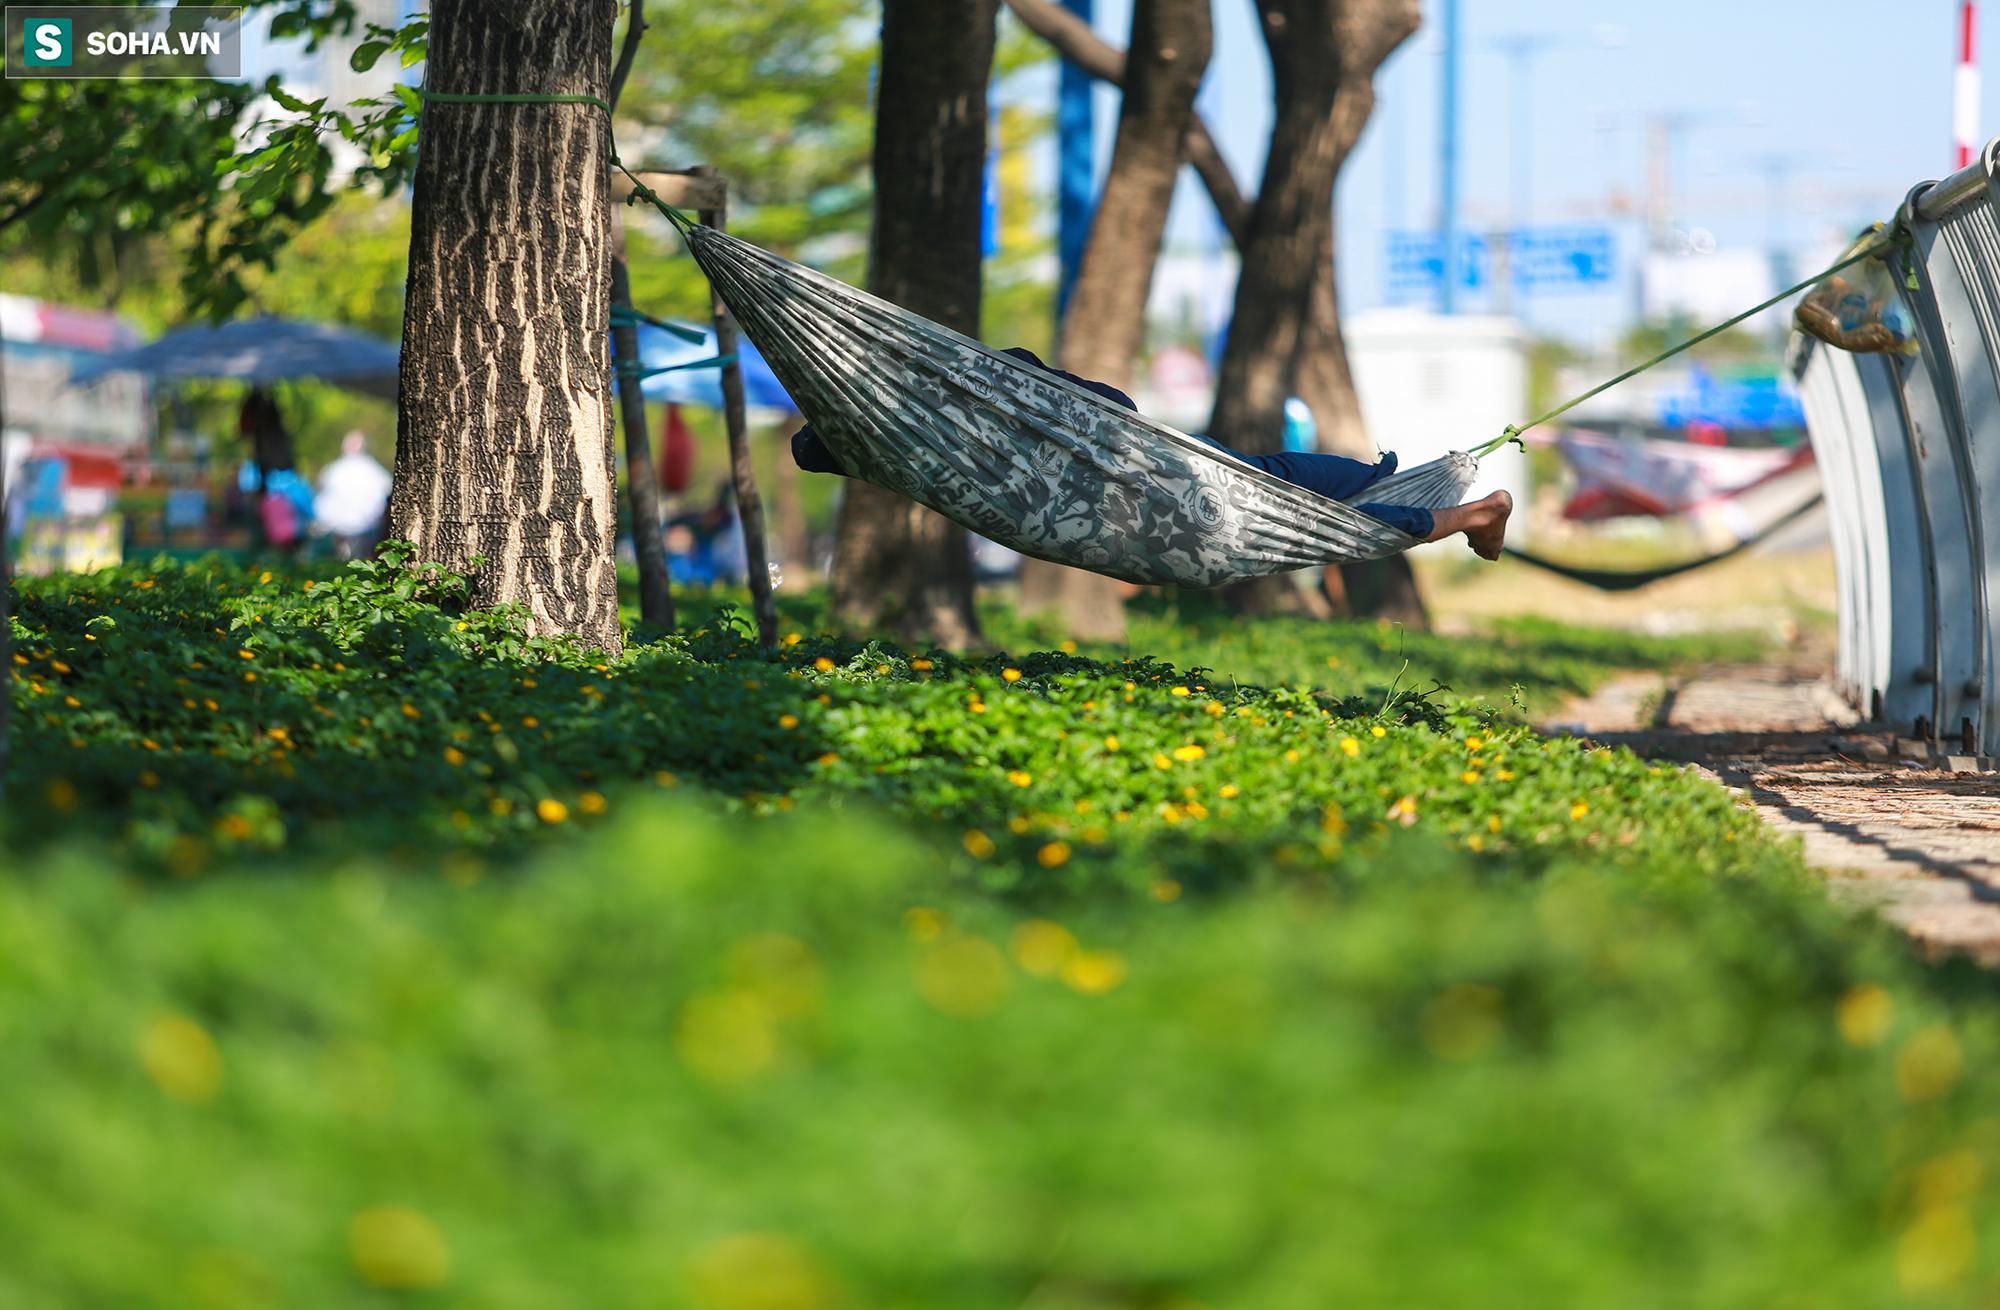 [ẢNH] Đường Sài Gòn nóng như thiêu, người dân vật vã tránh nóng ở góc cây, gầm cầu - Ảnh 12.